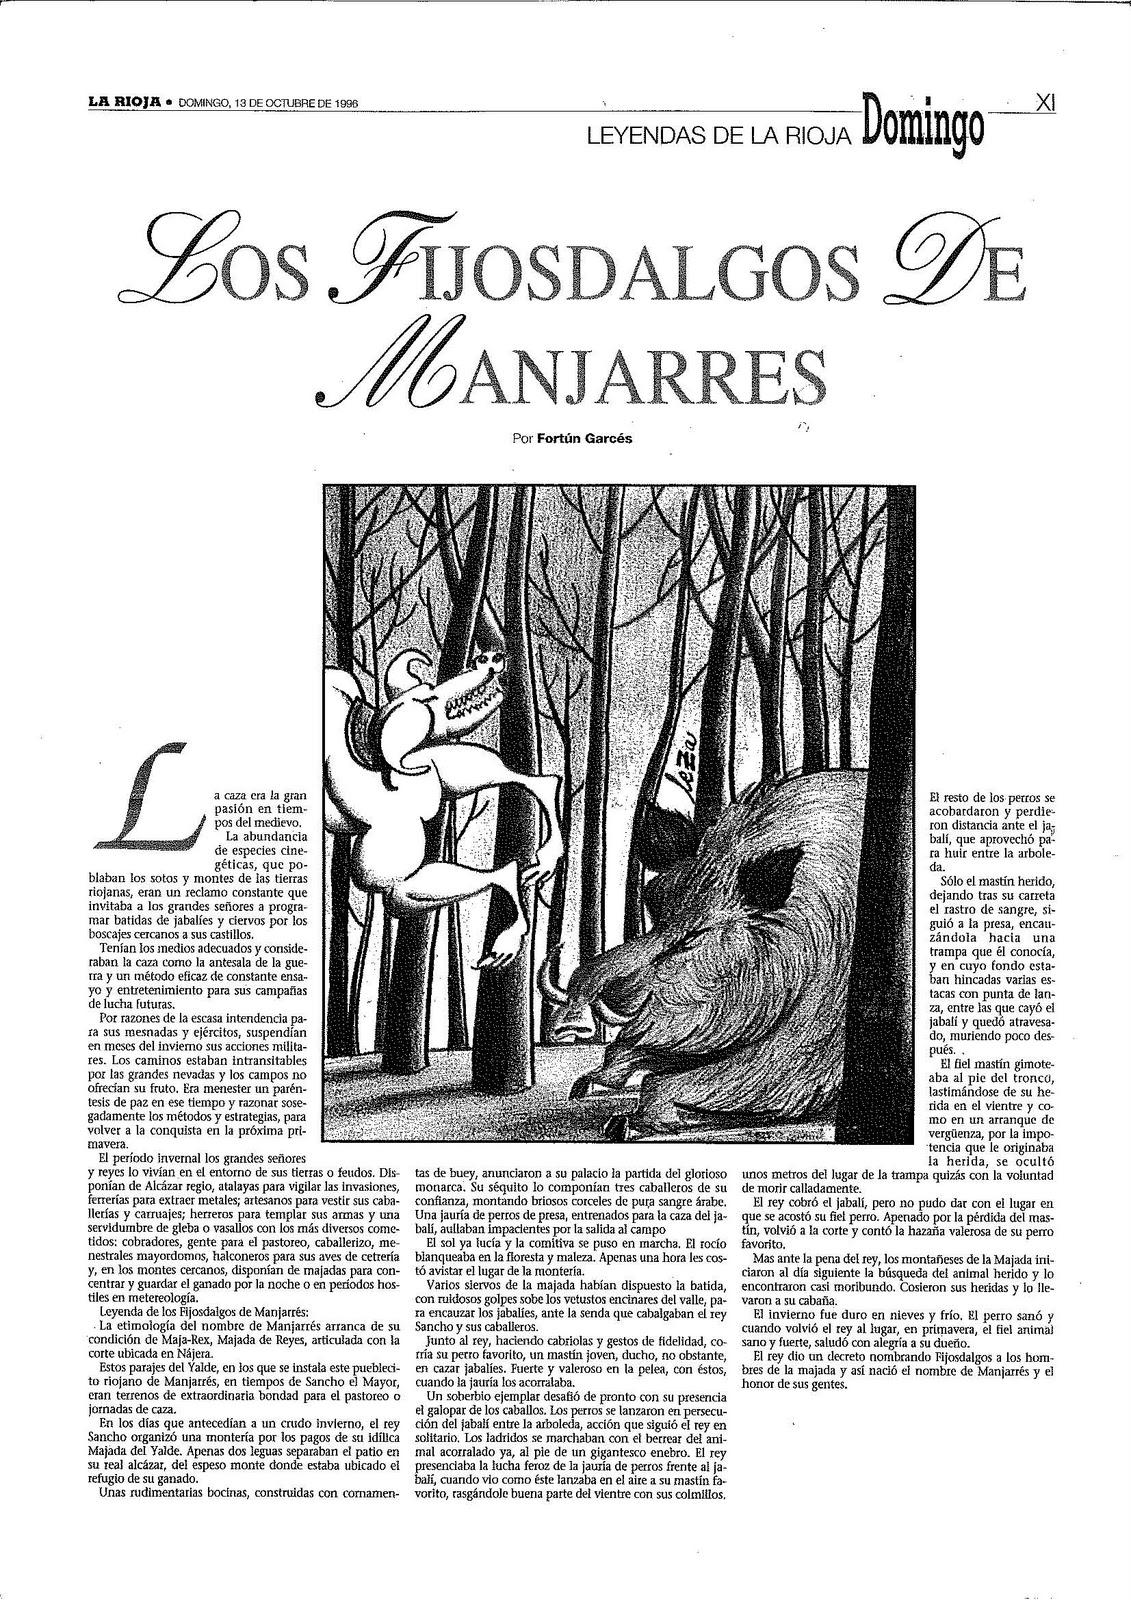 Extremadura paginas conocer gente